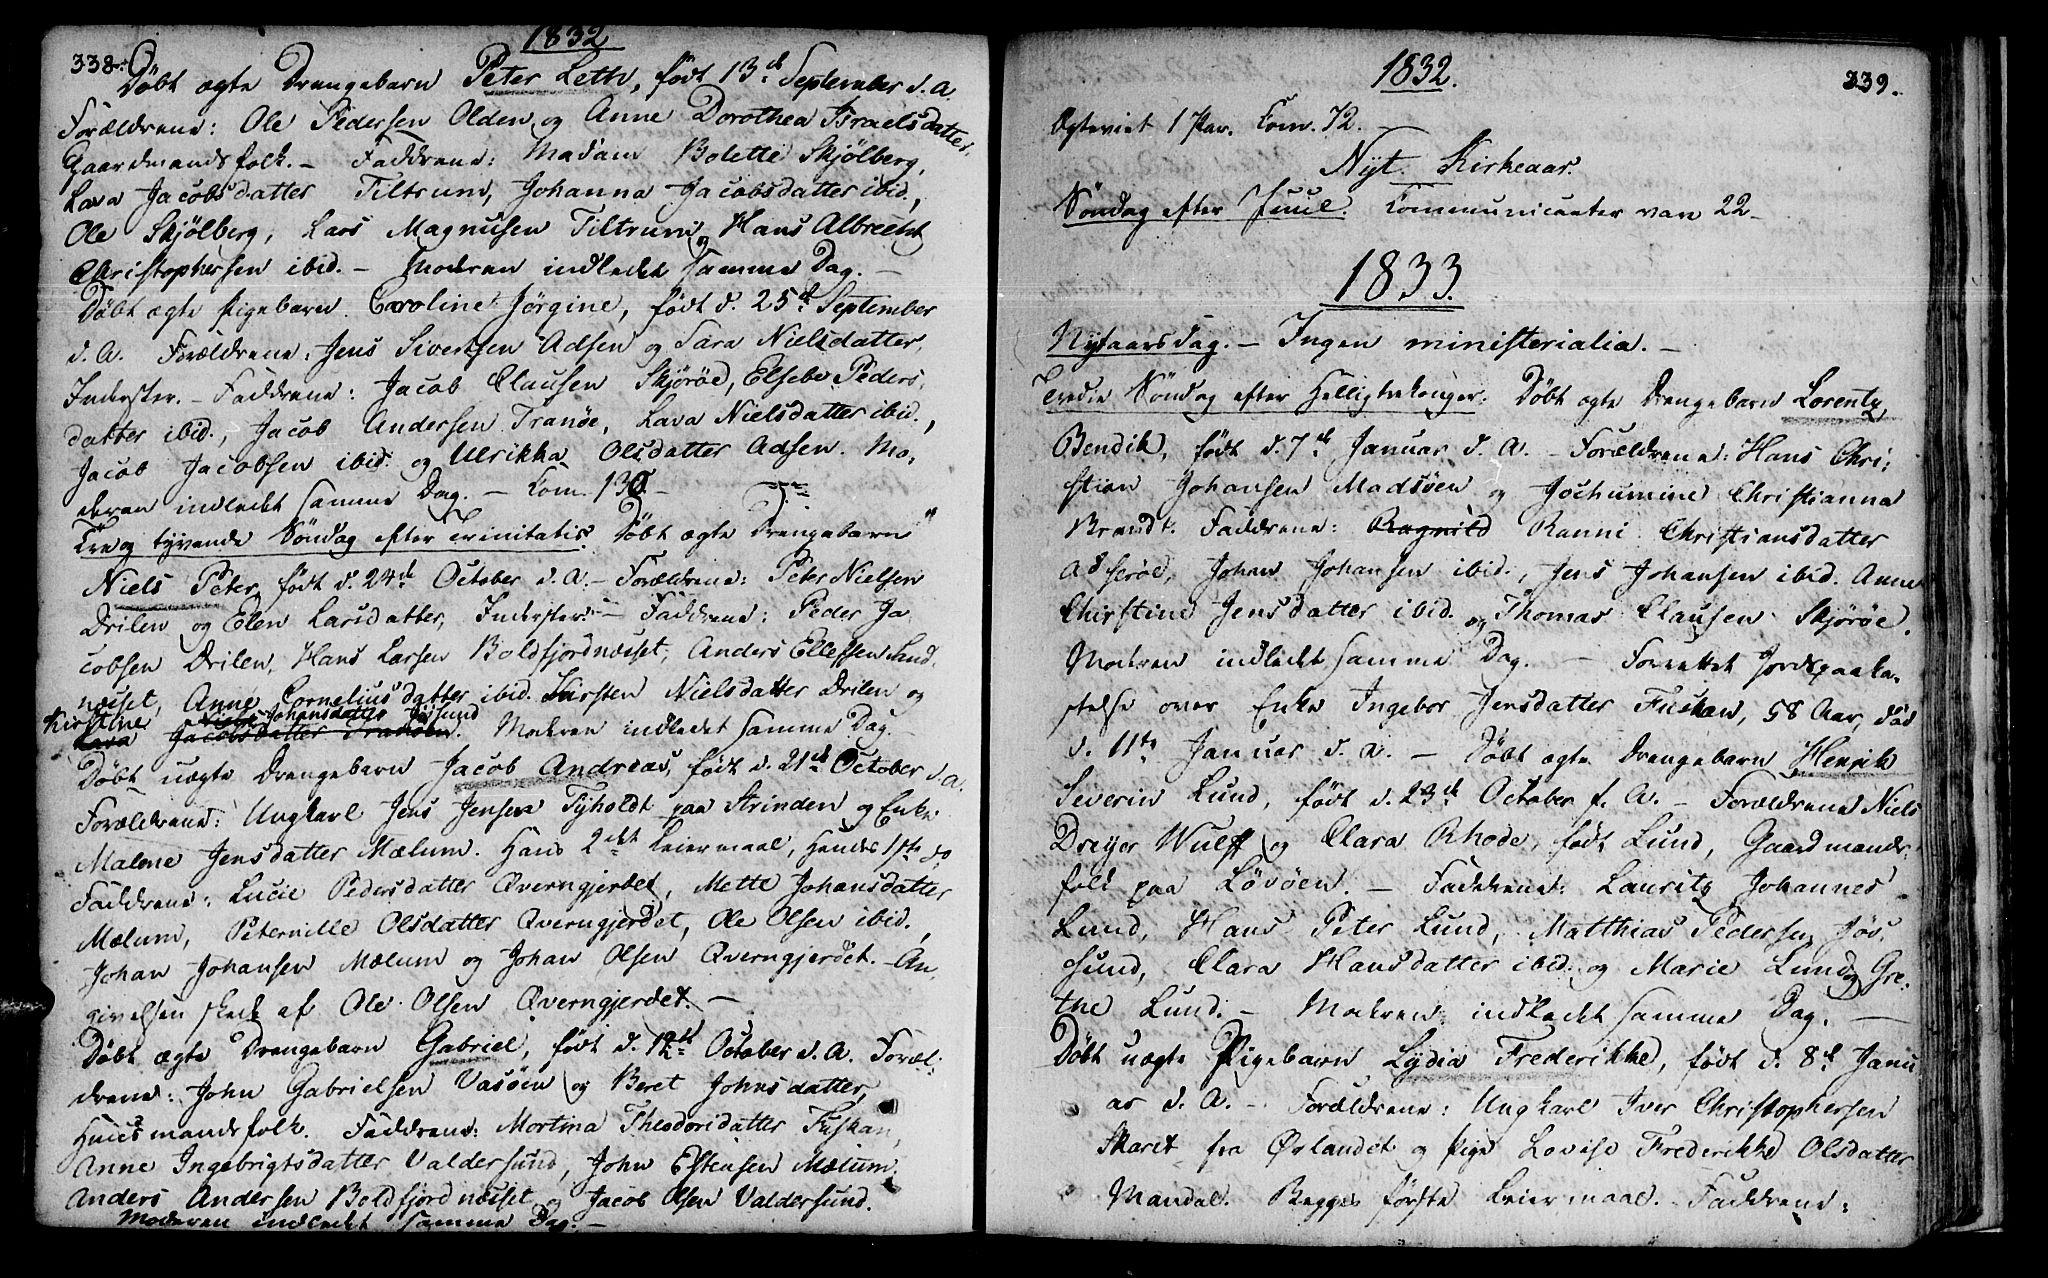 SAT, Ministerialprotokoller, klokkerbøker og fødselsregistre - Sør-Trøndelag, 655/L0674: Ministerialbok nr. 655A03, 1802-1826, s. 338-339